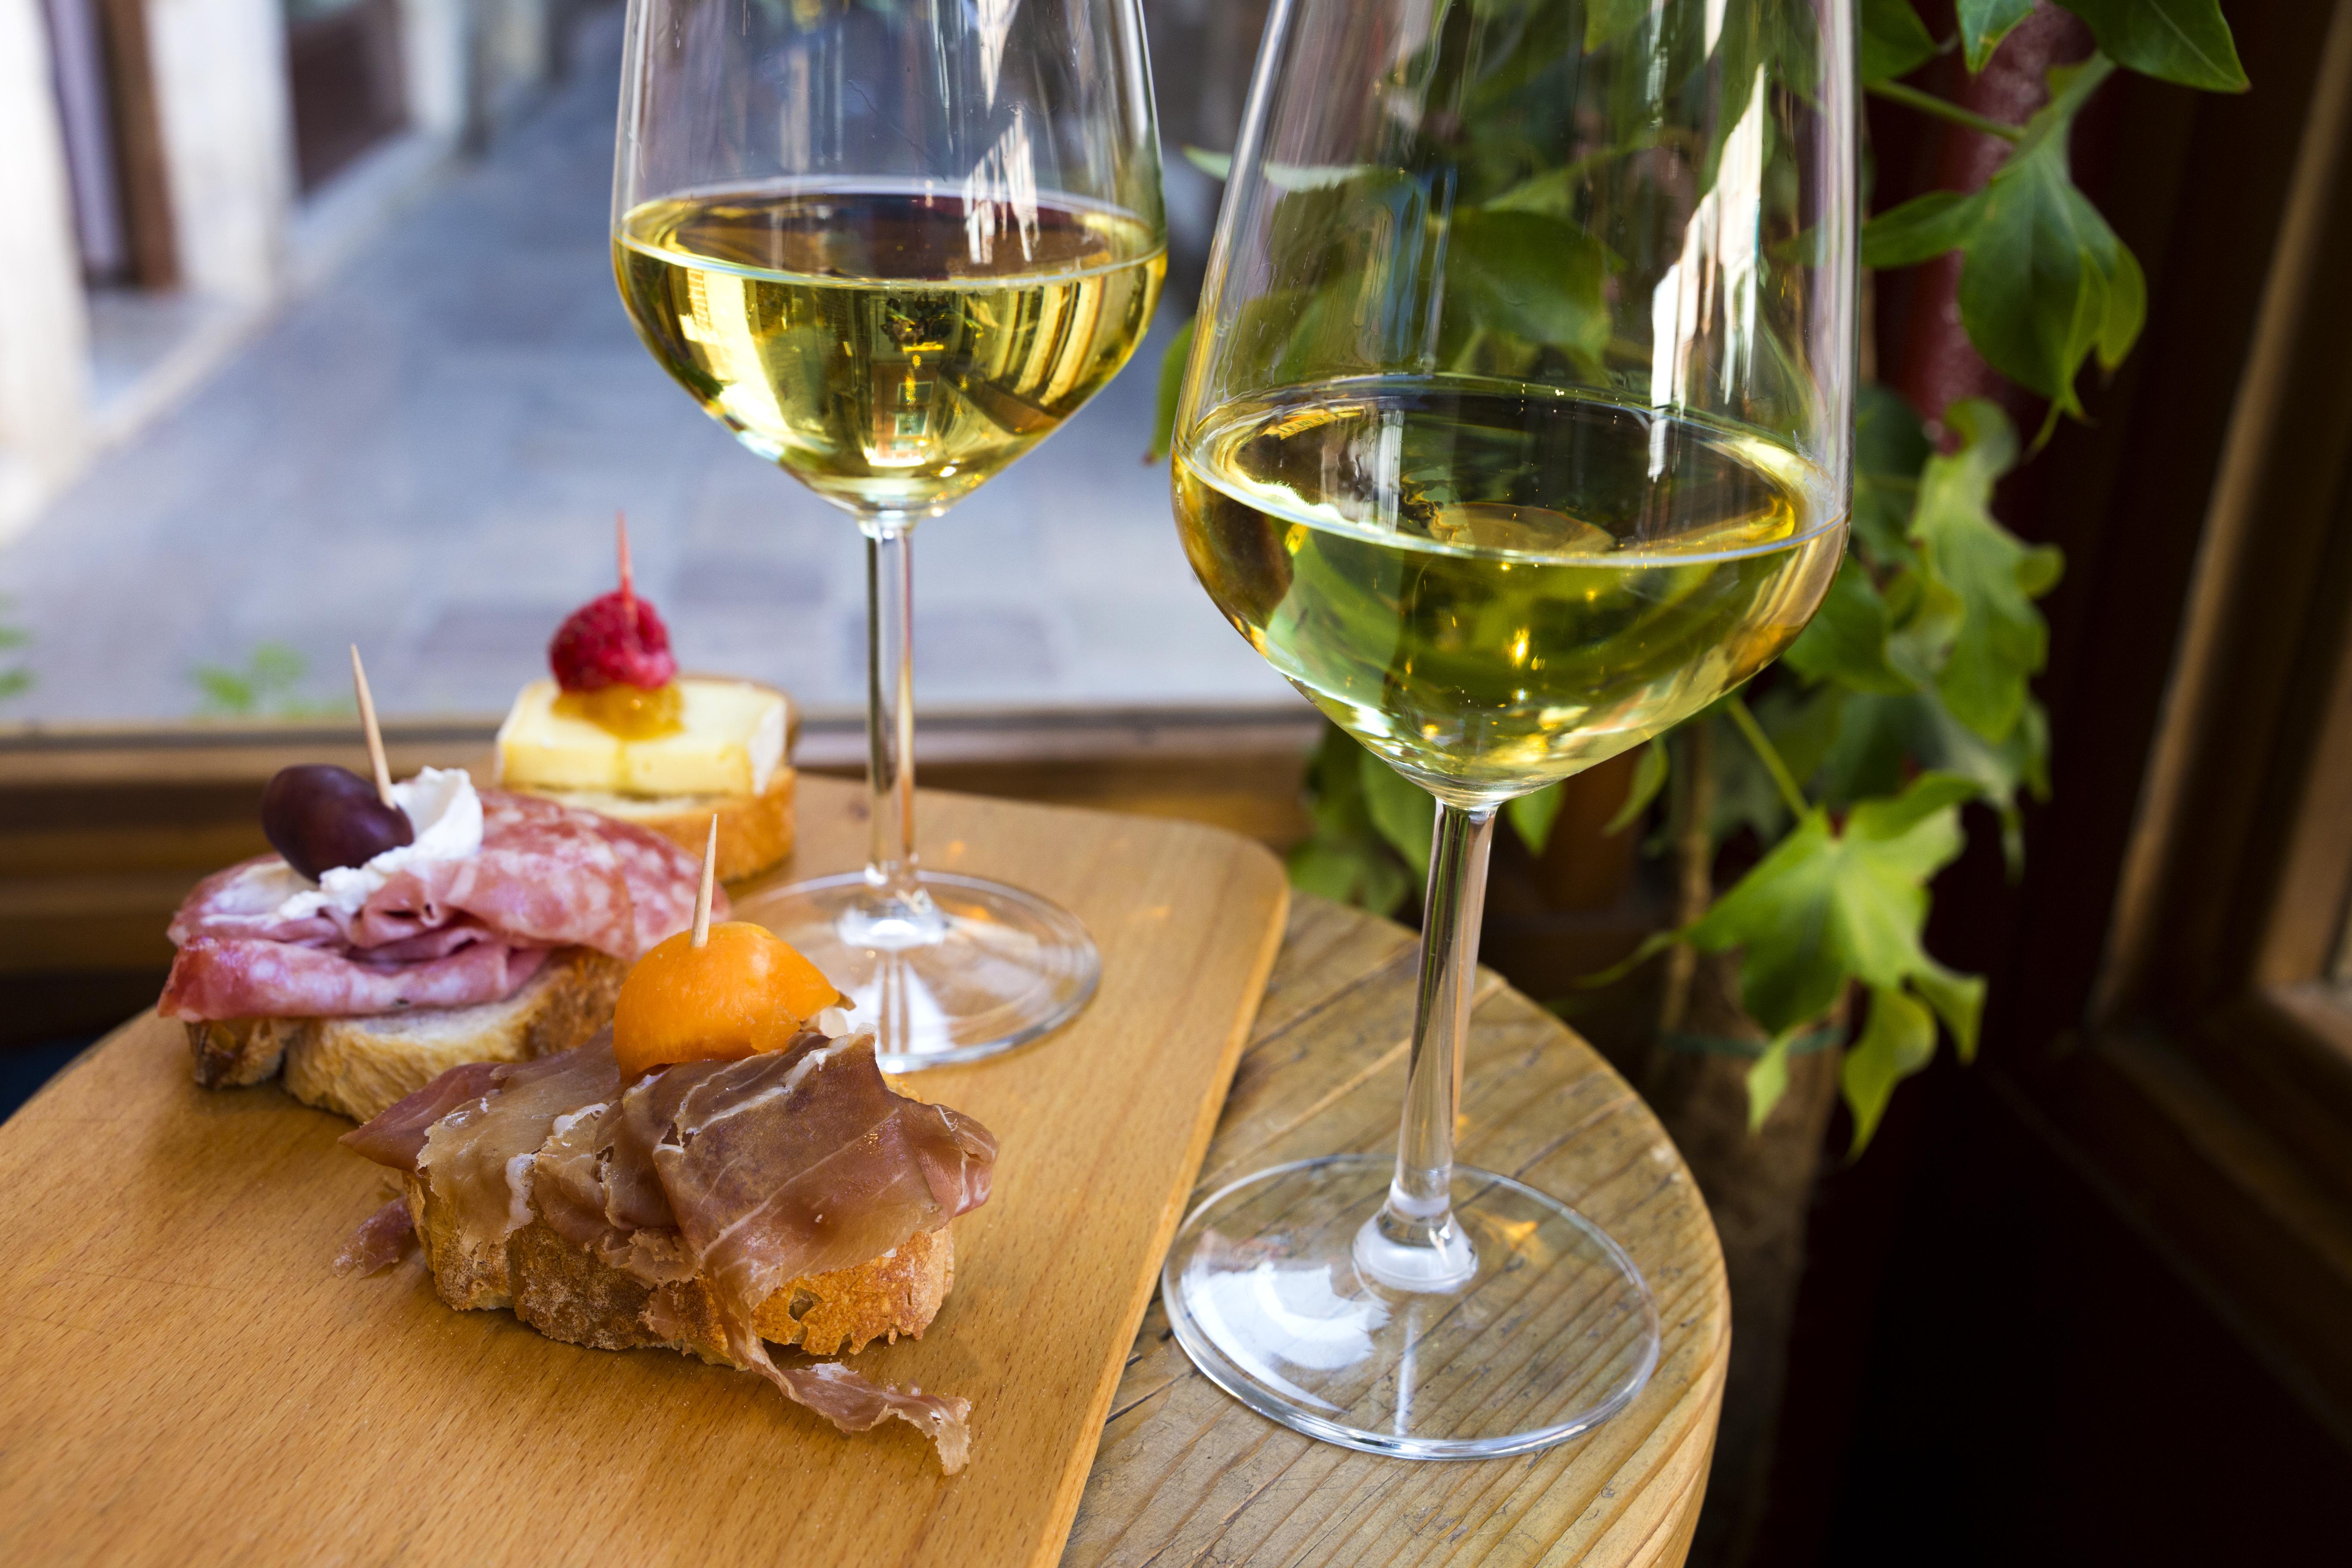 Come y bebe los manjares tradicionales de la laguna veneciana. ¡Bon appetit! - Italia Circuito Italia Clásica I y Costa Azul